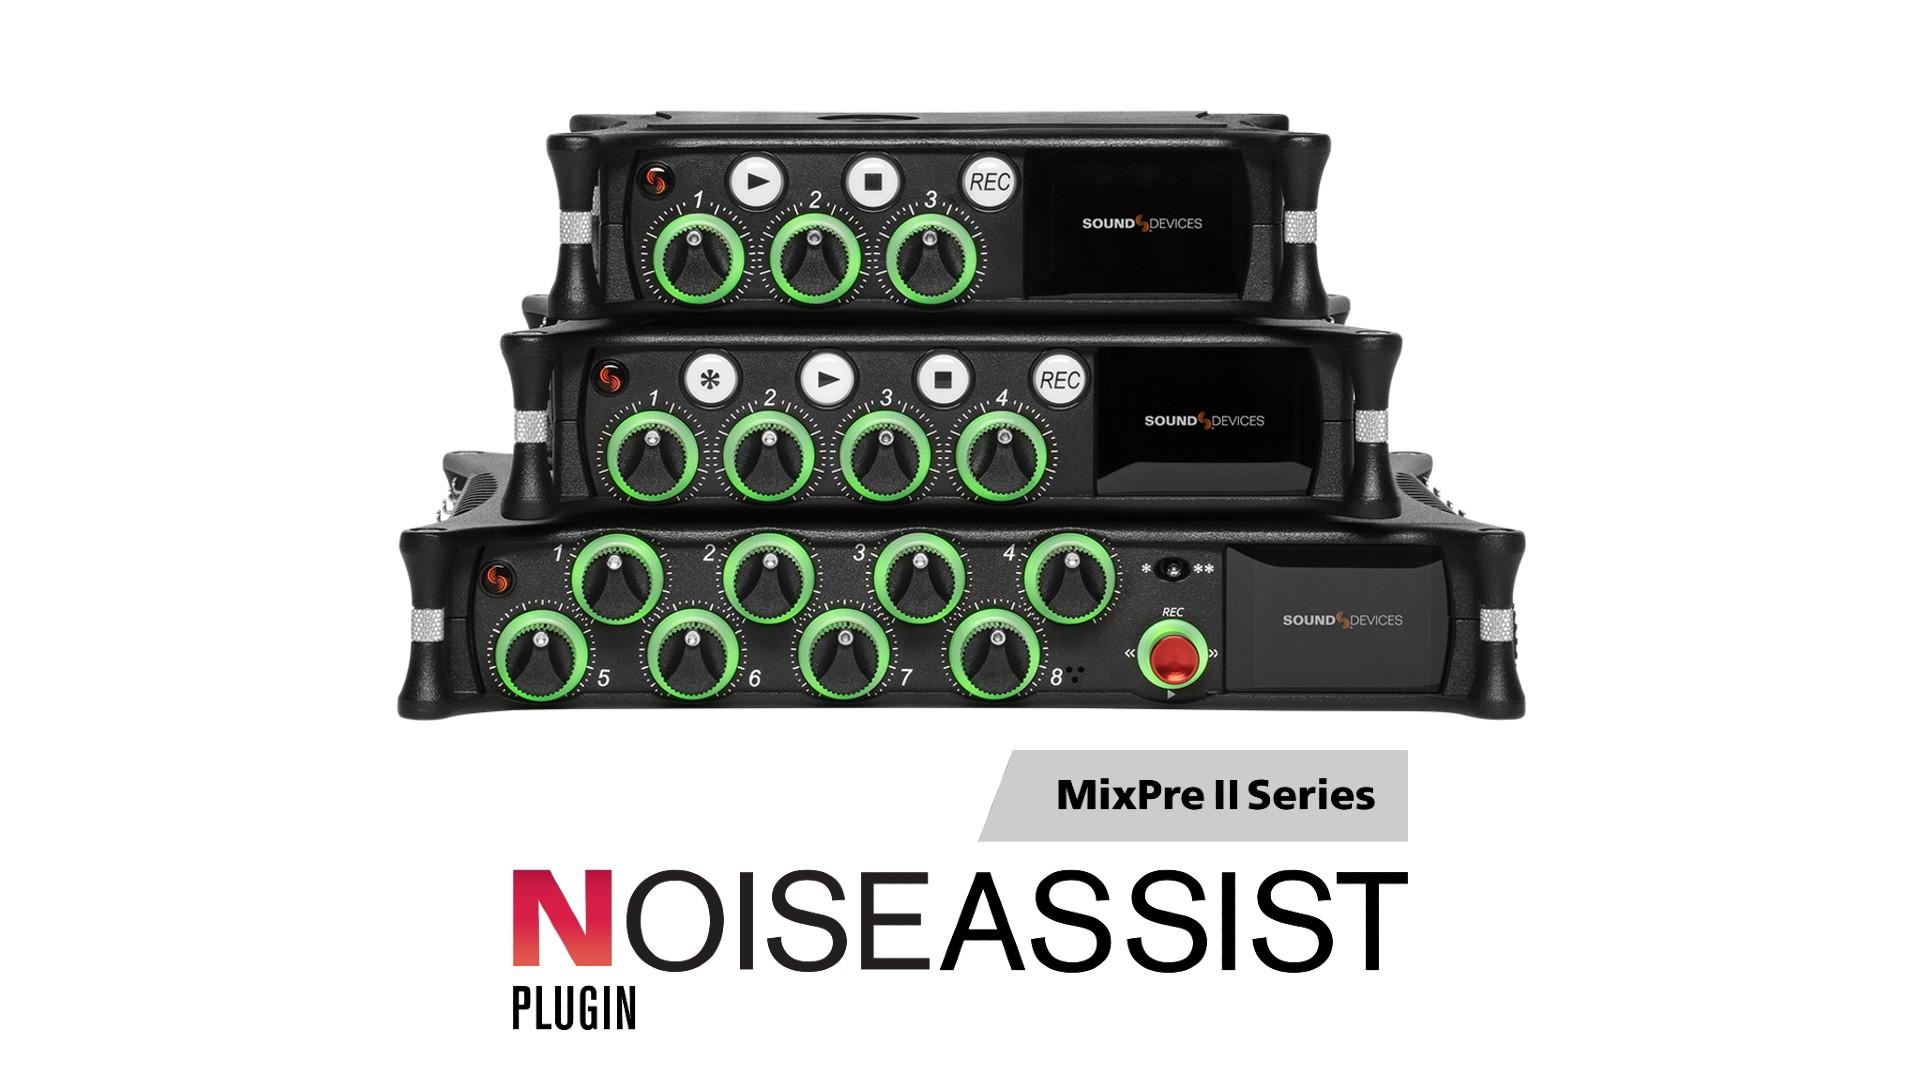 サウンドデバイス(Sound Devices)がMixPre シリーズ用NoiseAssistプラグインとファームウェアV7.00をリリース